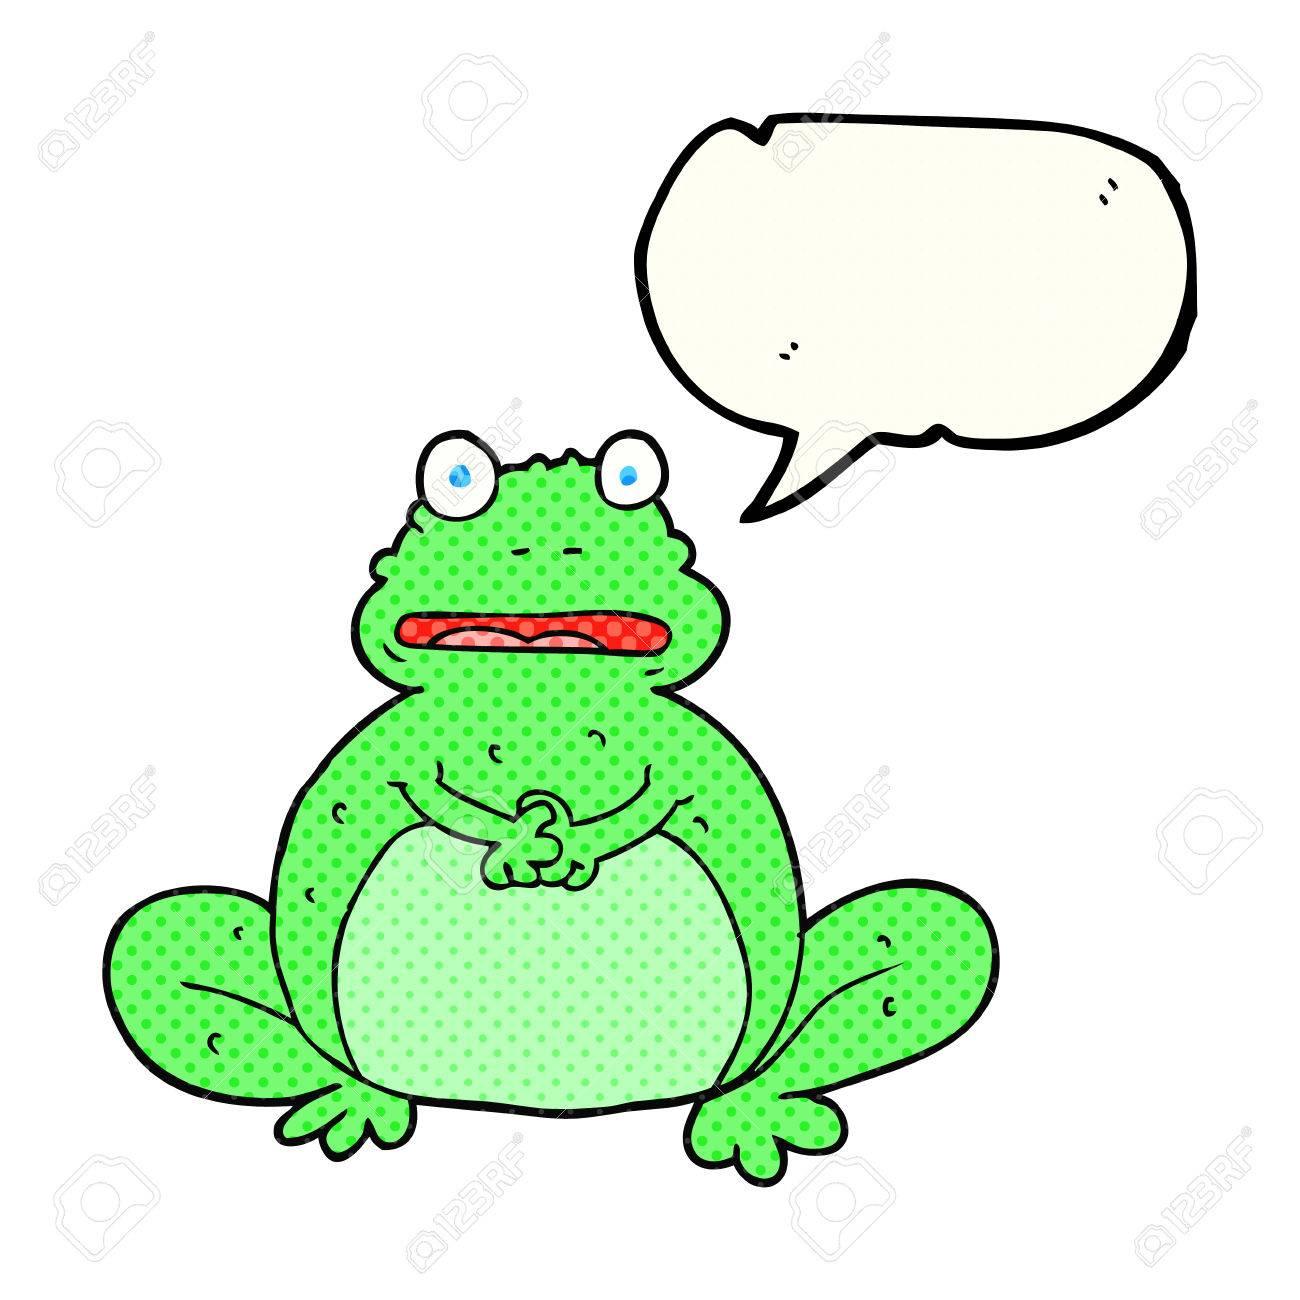 Freihändig Gezeichnet Comic Sprechblase Cartoon Frosch Lizenzfrei